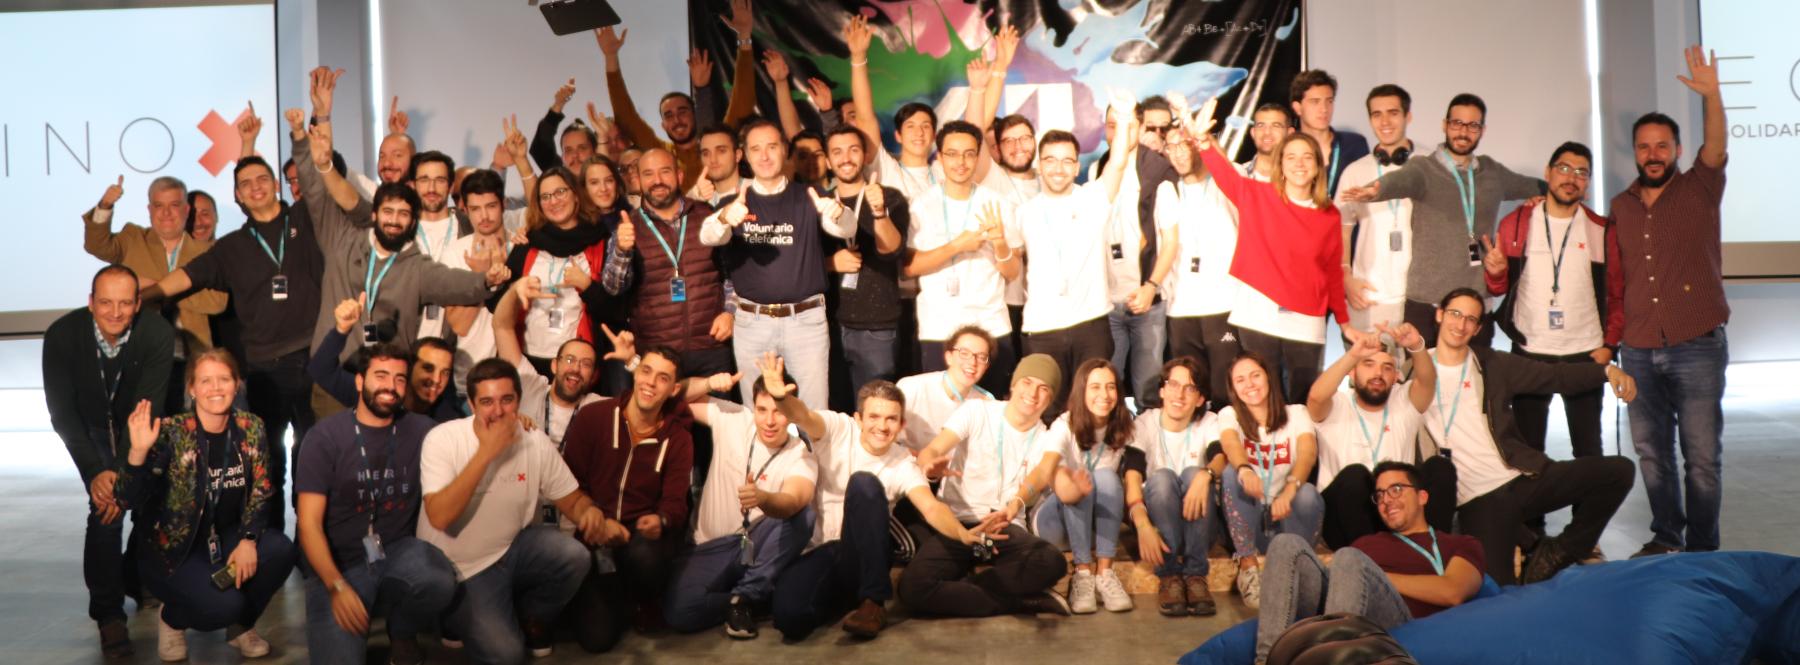 Equinox Solidario: 150 hackers se reúnen durante 24 horas para ayudar a Cruz Roja España